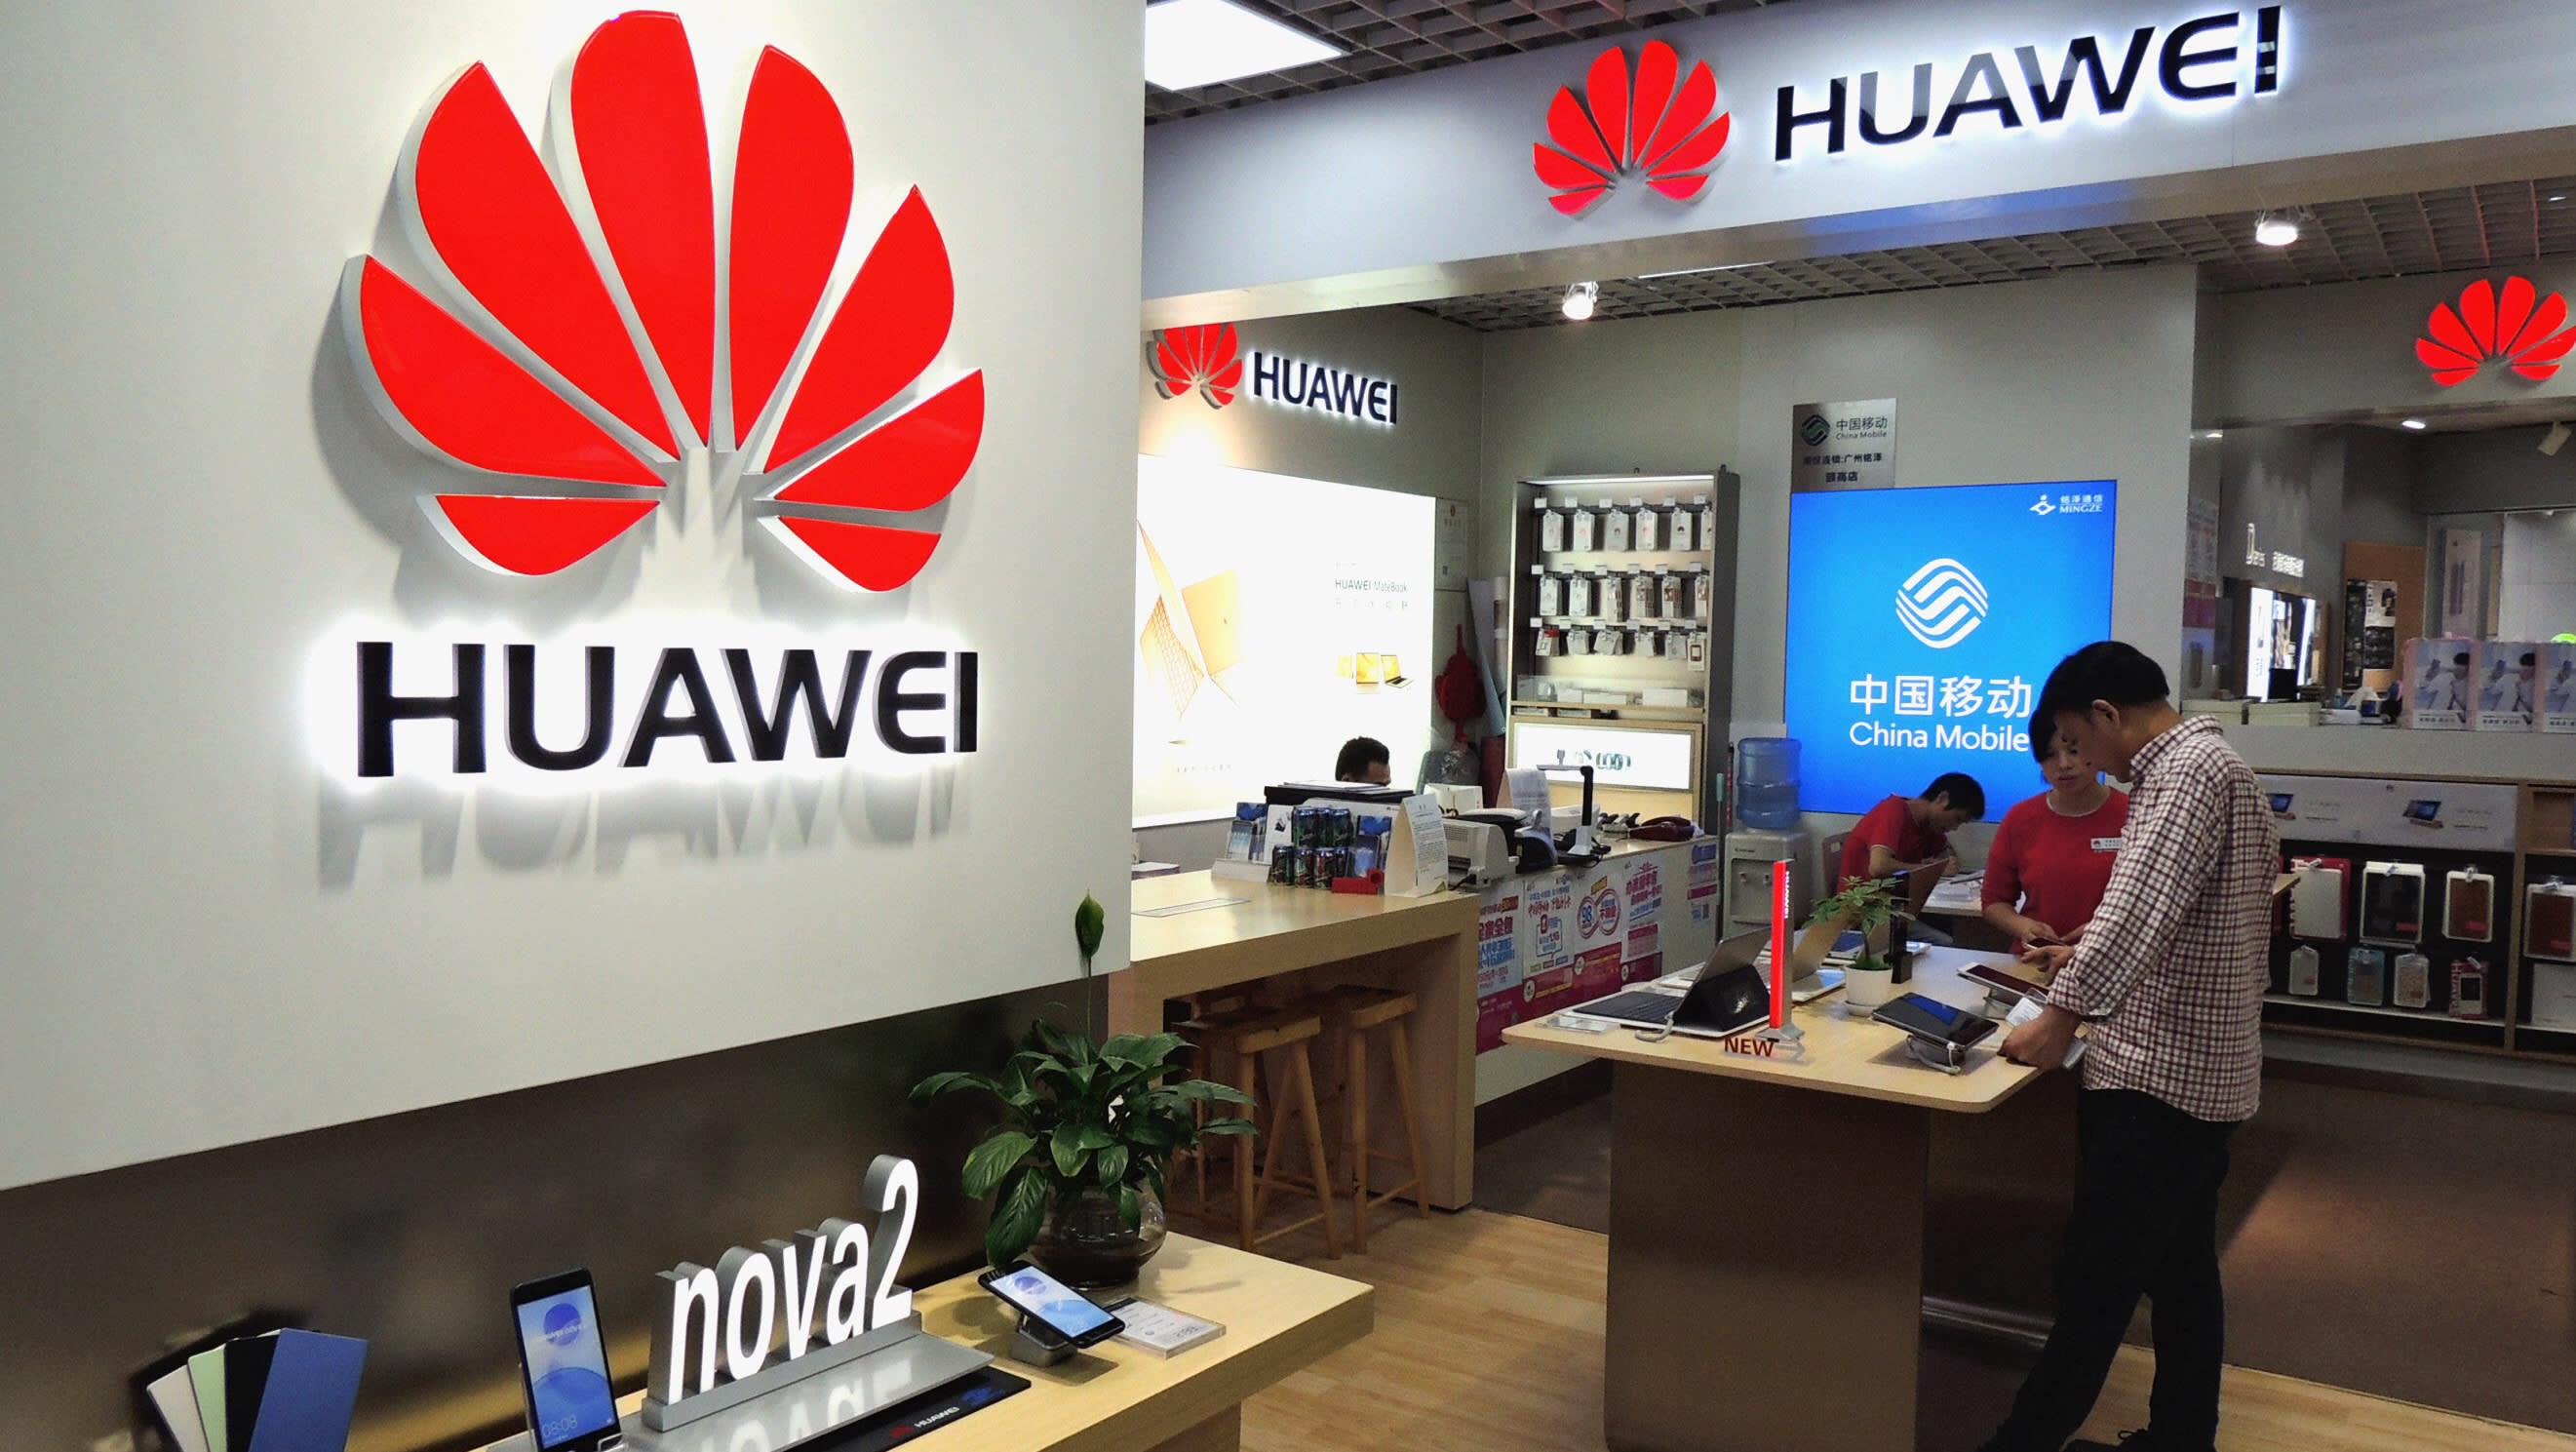 Вице-президент Huawei по мобильным сервисам: Мы экспортируем украинскую...